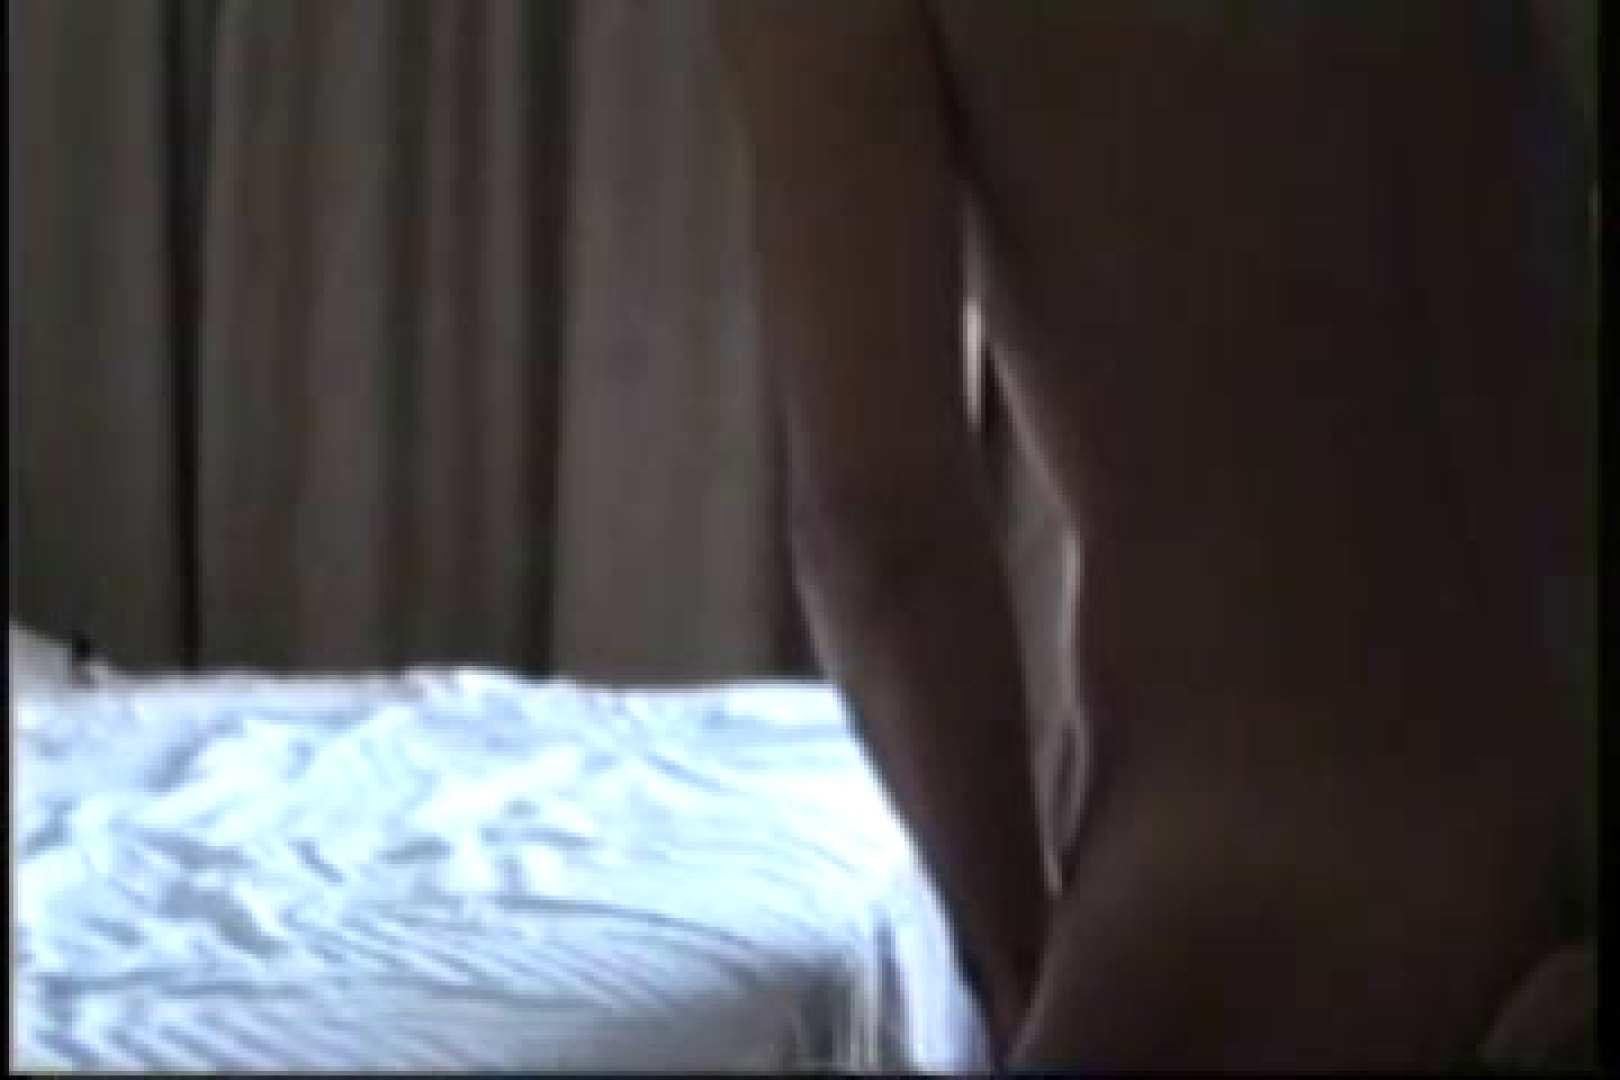 【個人製作流出ビデオ】バックばかりで穴が痛かった イケメンたち ゲイセックス画像 98枚 80